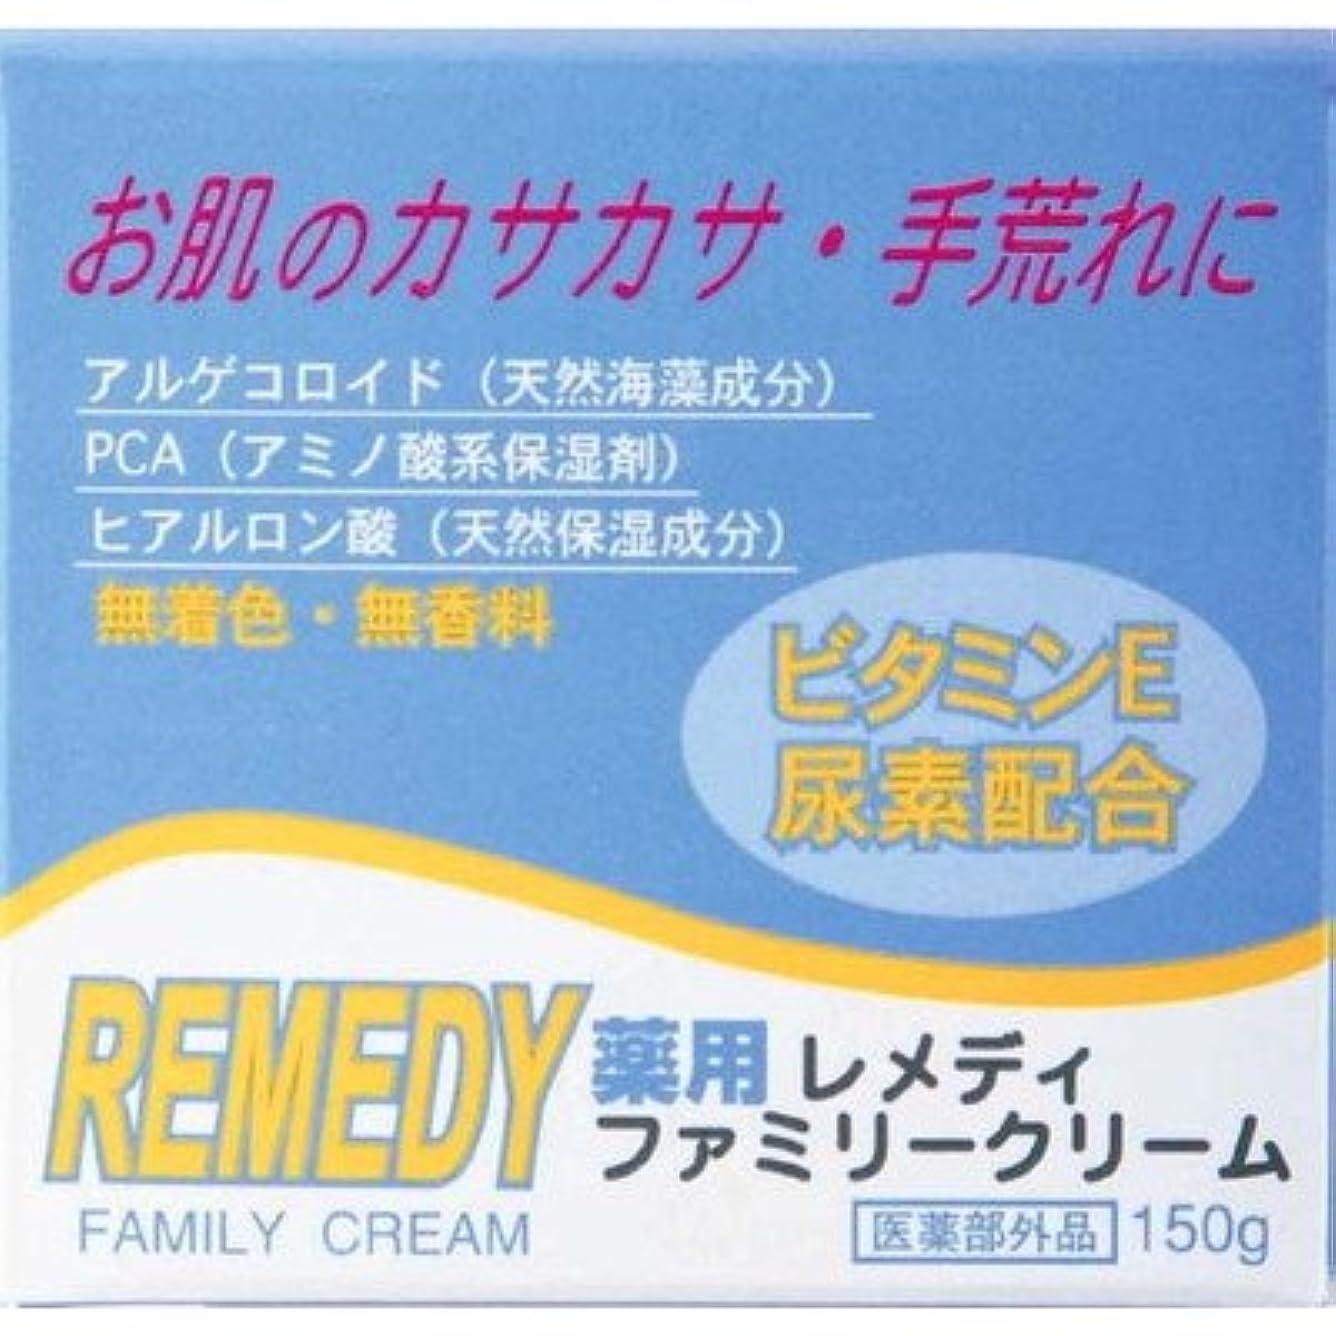 もっと少なく削減について【医薬部外品】薬用レメディ ファミリークリーム 150g